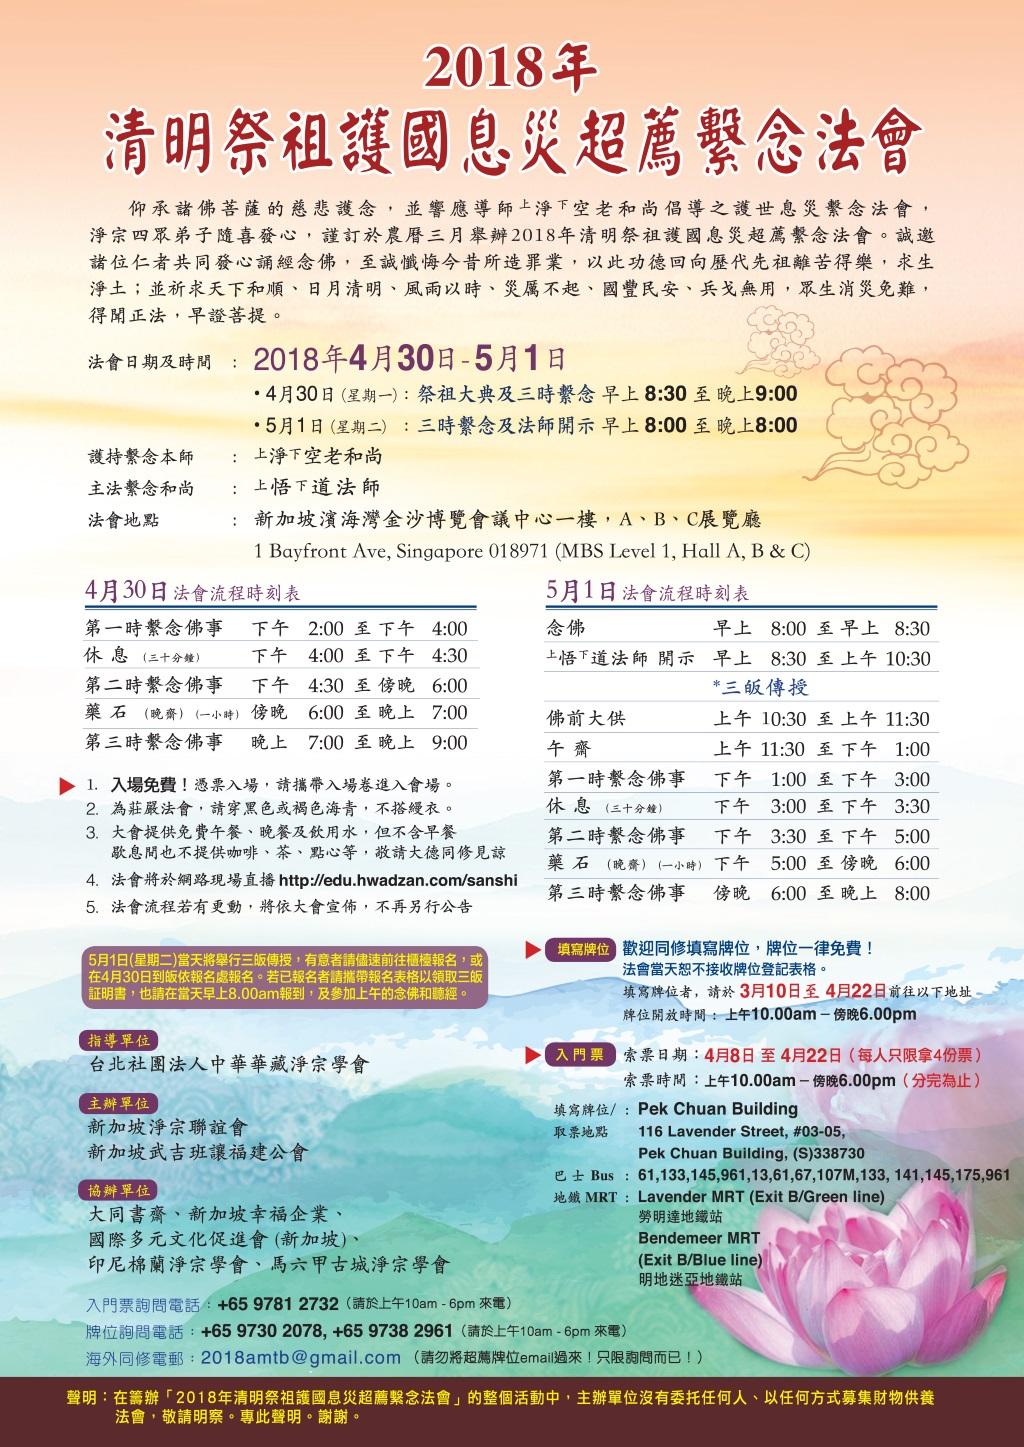 2018清明祭祖護國息災超薦繫念法會.jpg